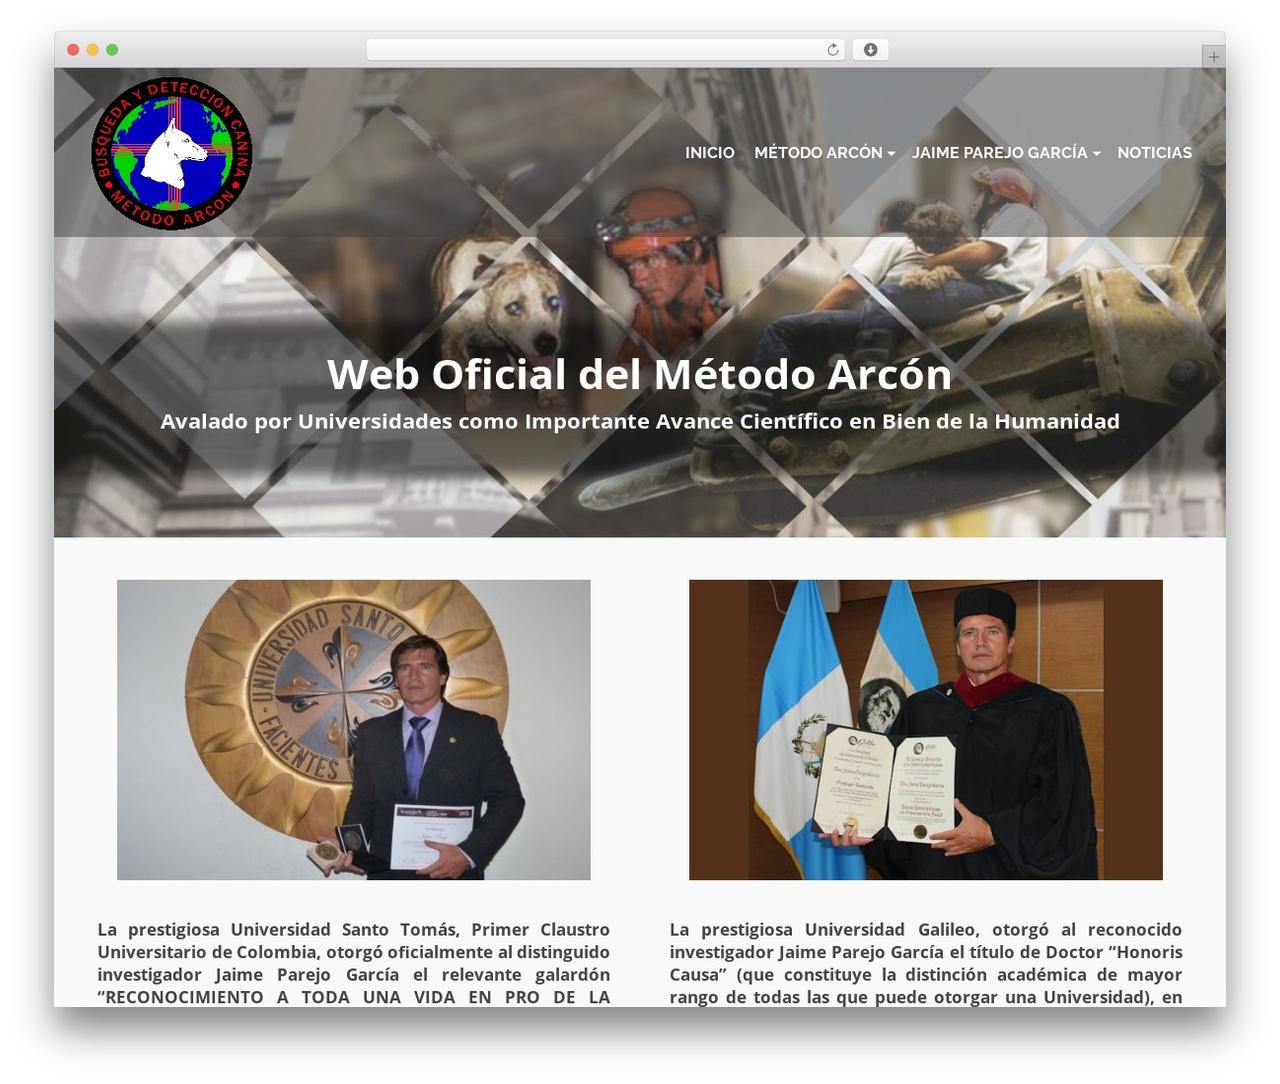 WP theme Pinnacle - metodoarcon.org